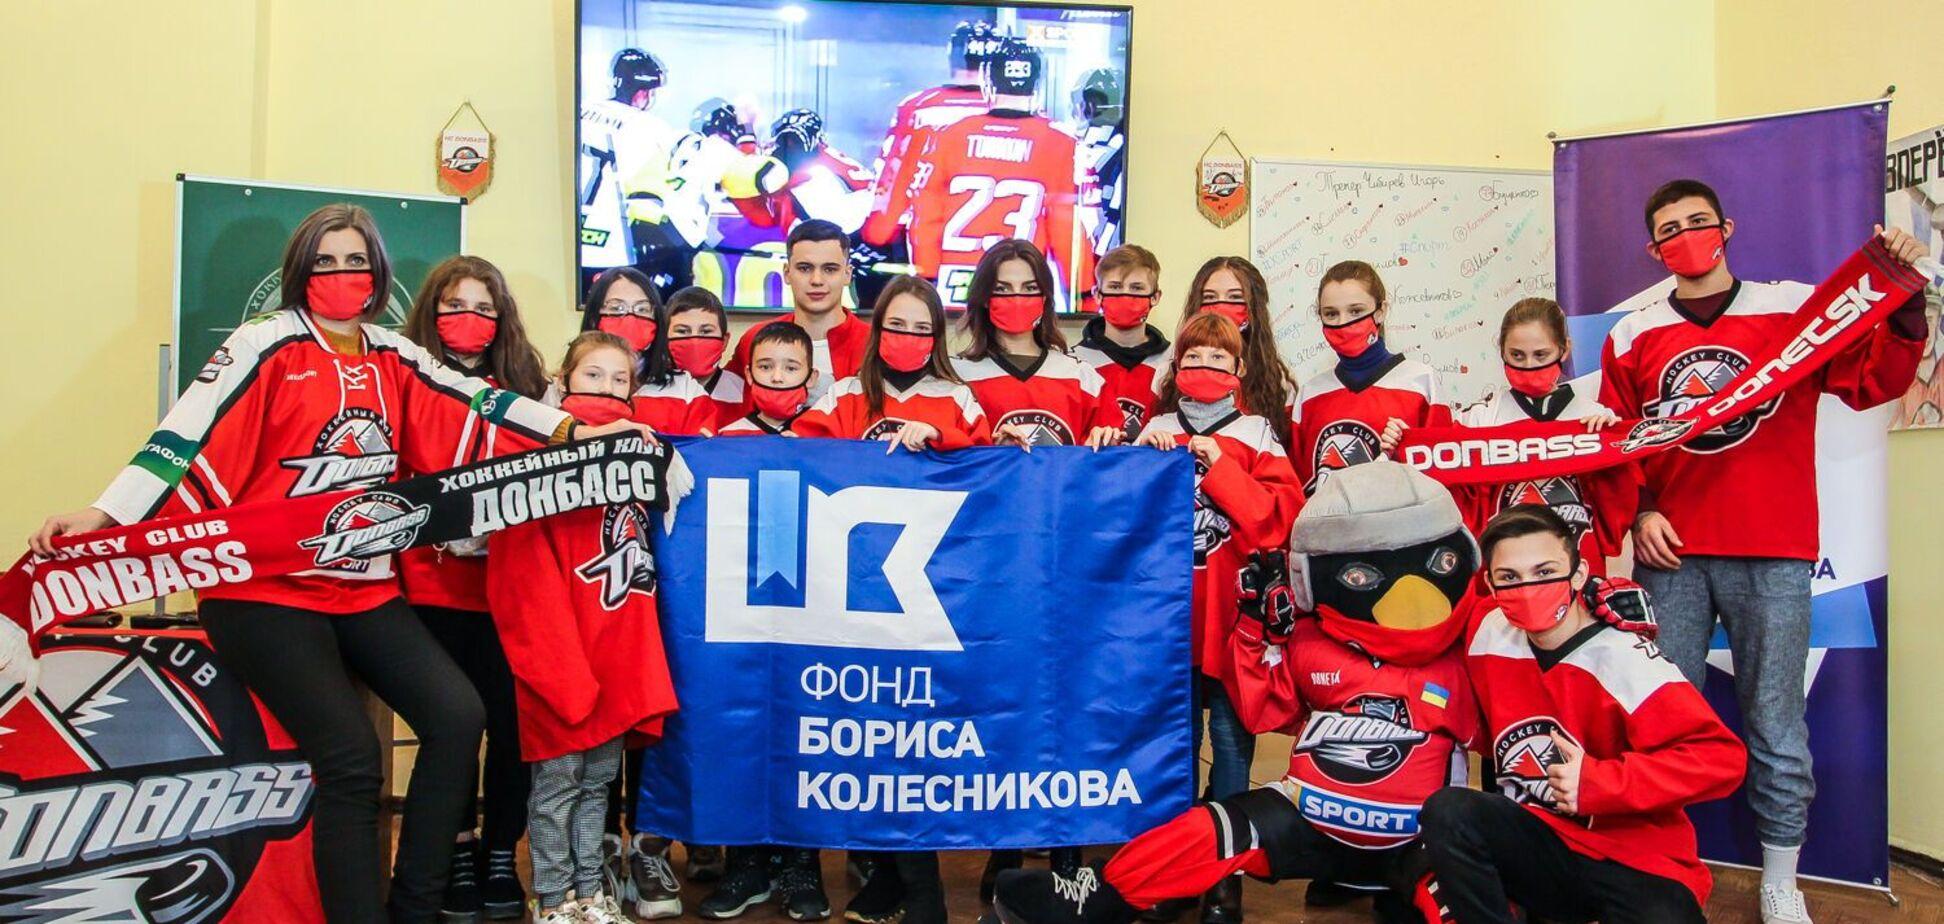 Фонд Бориса Колеснікова та хокейний клуб 'Донбас' дали старт регіональному соціальному проєкту 'Давай, вболівай!'